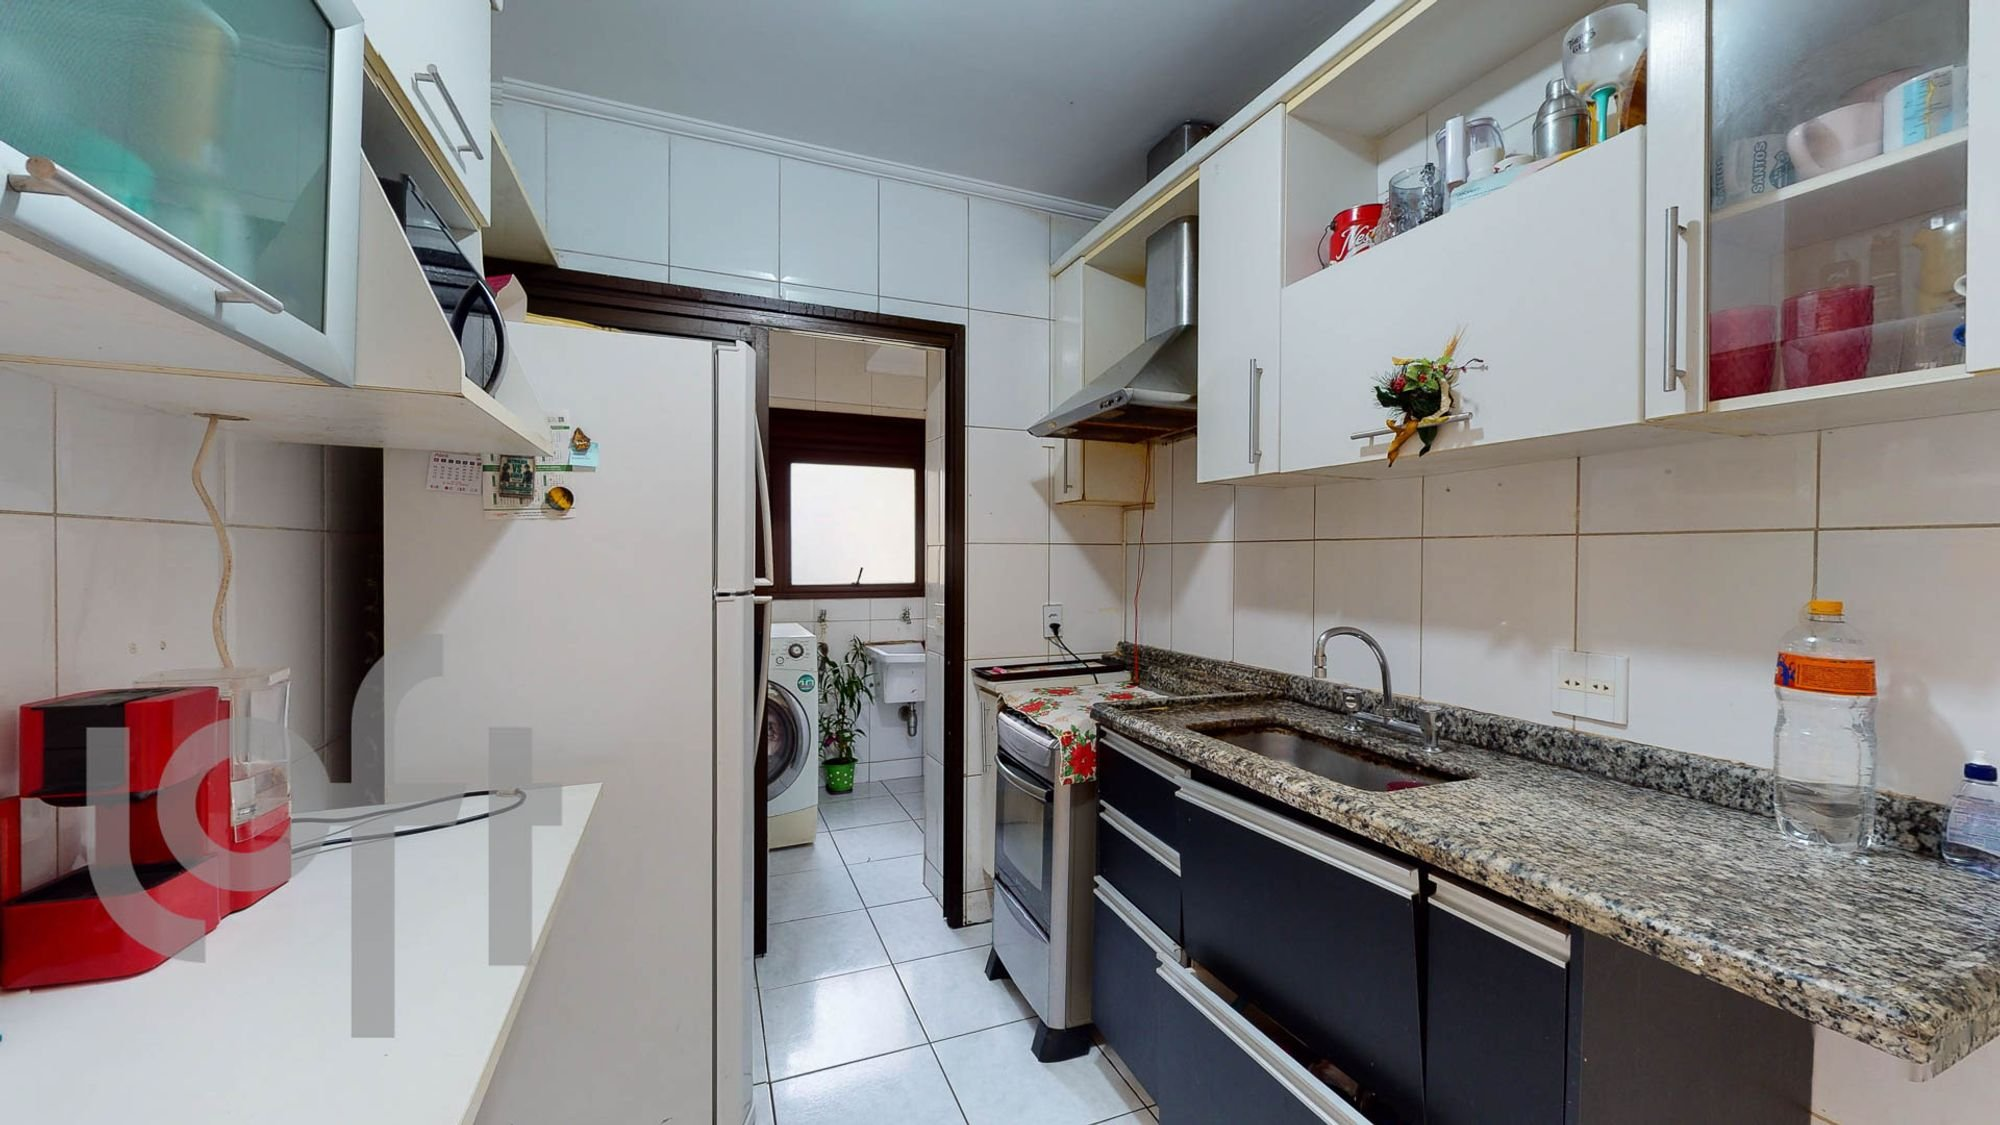 Foto de Cozinha com garrafa, geladeira, pia, microondas